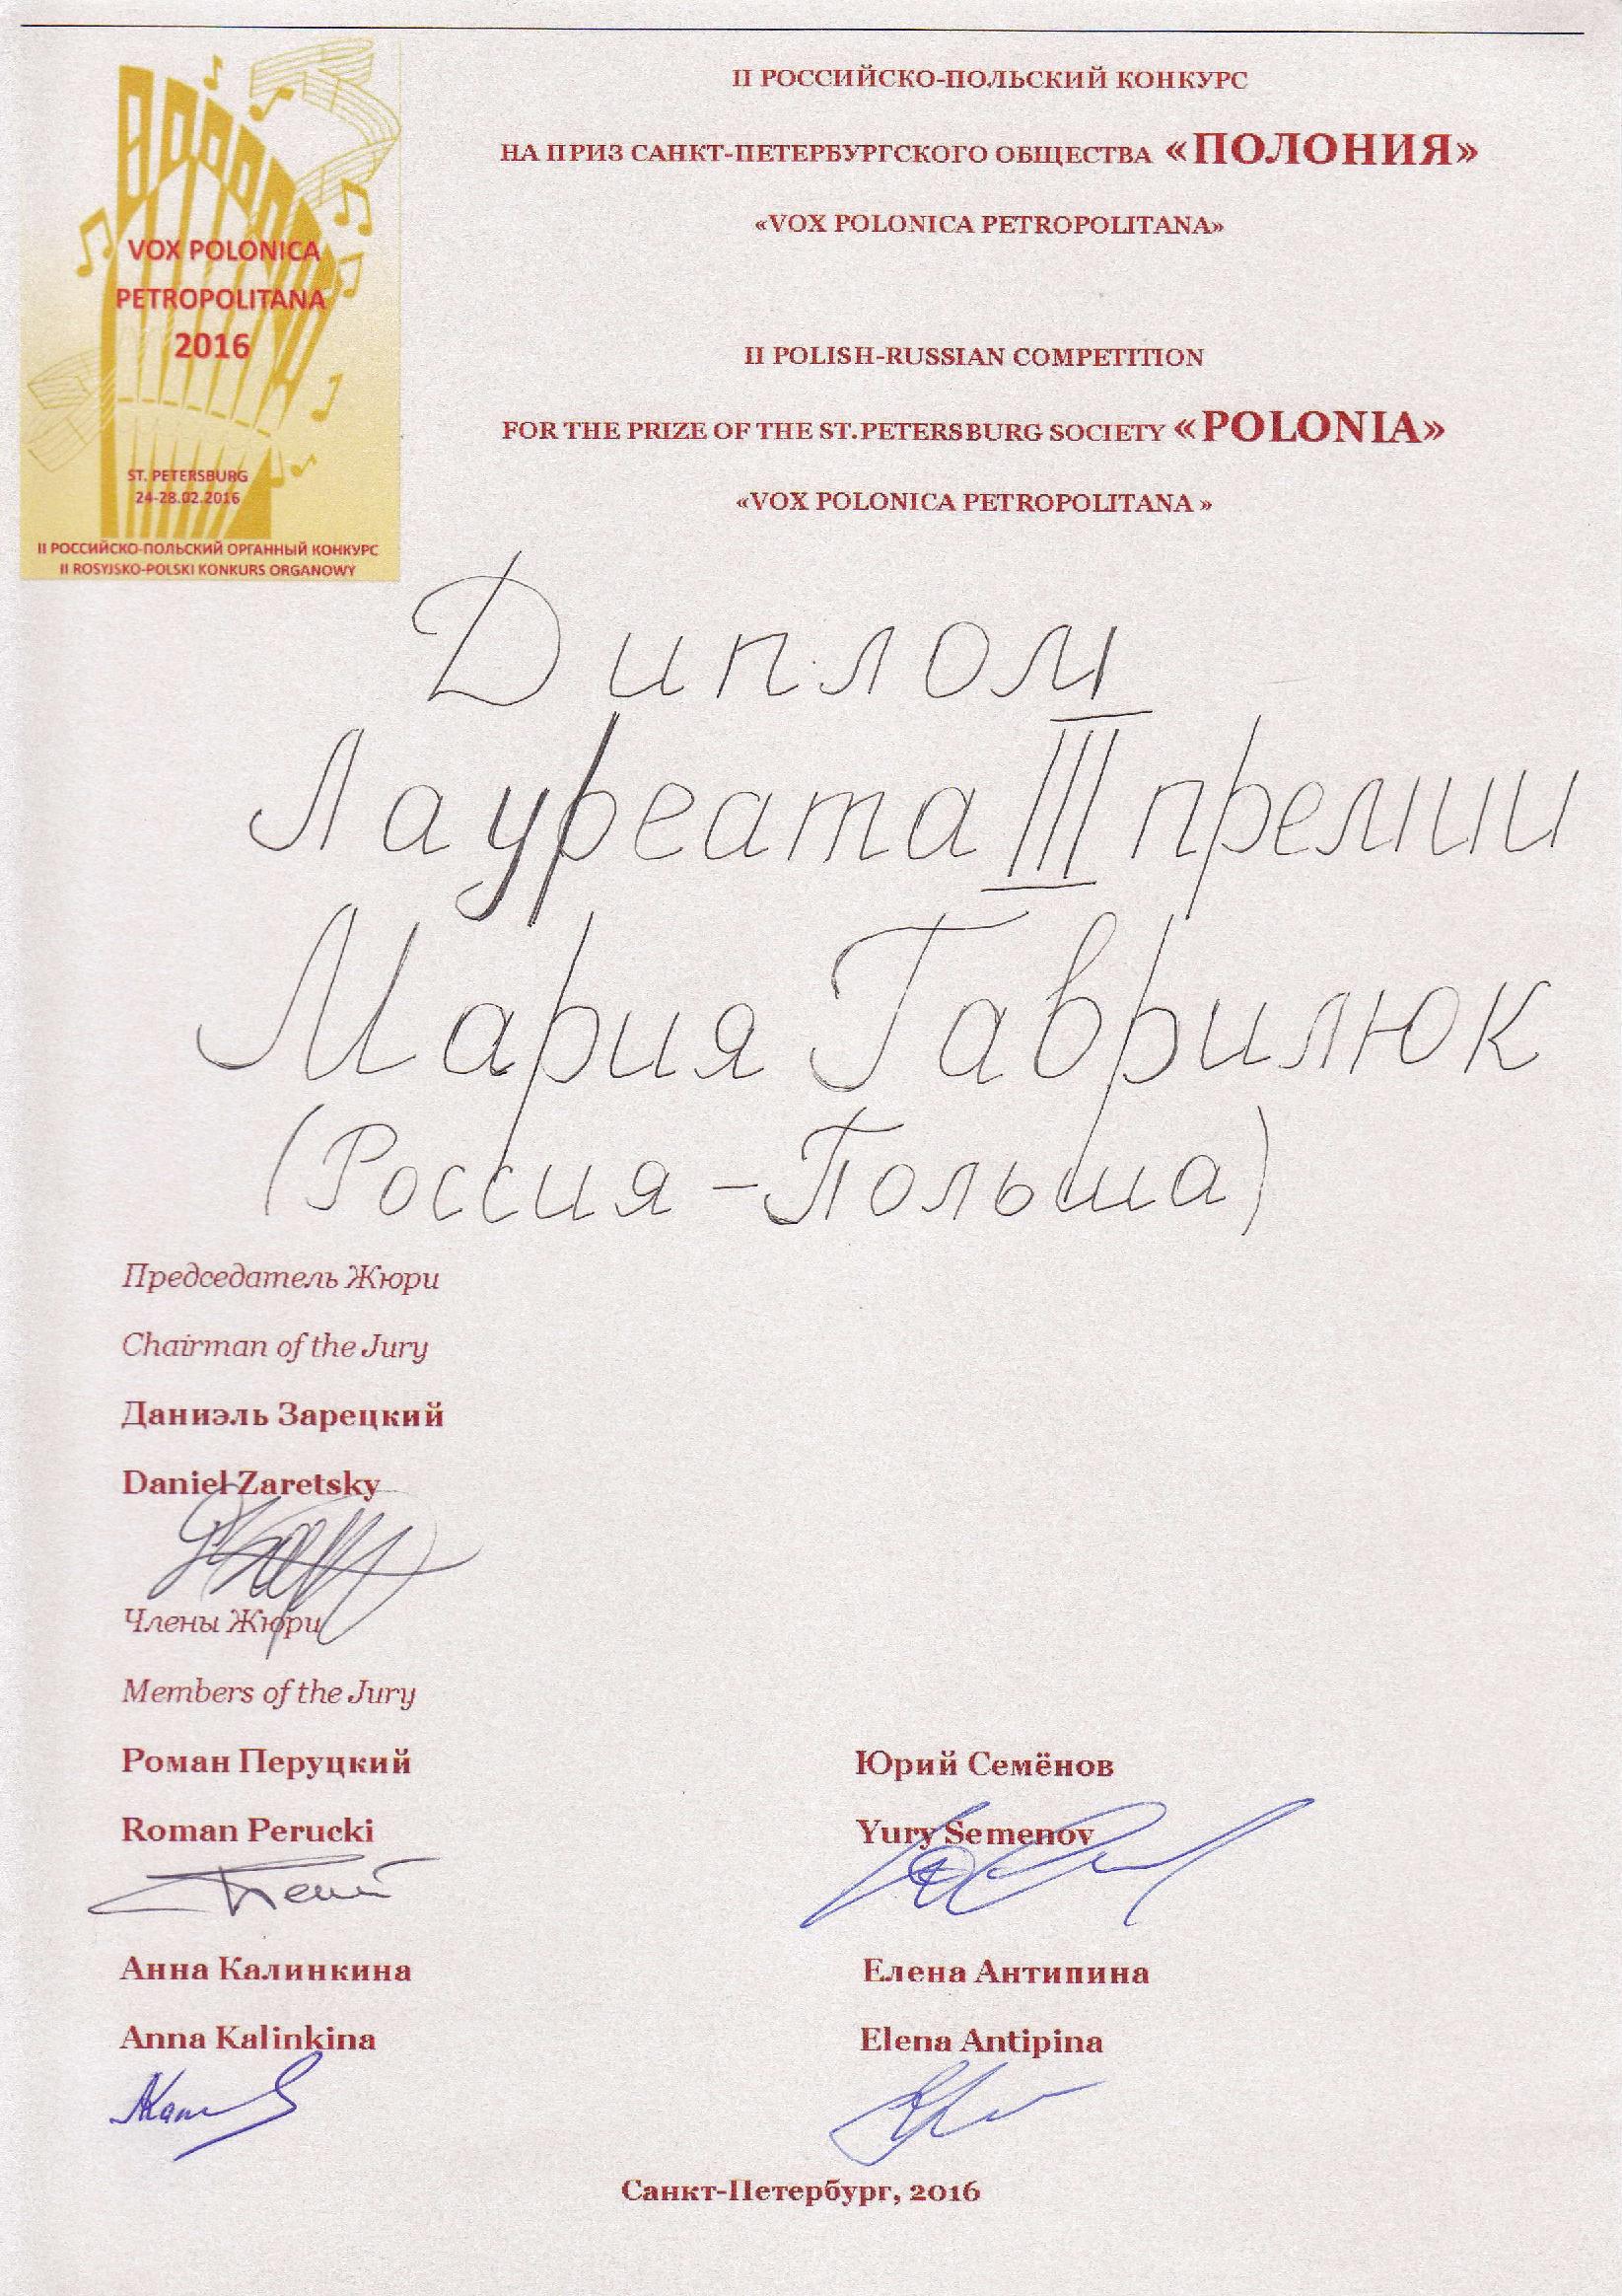 Maria_Gavryliuk_III miejsce_Rosja_dyplom